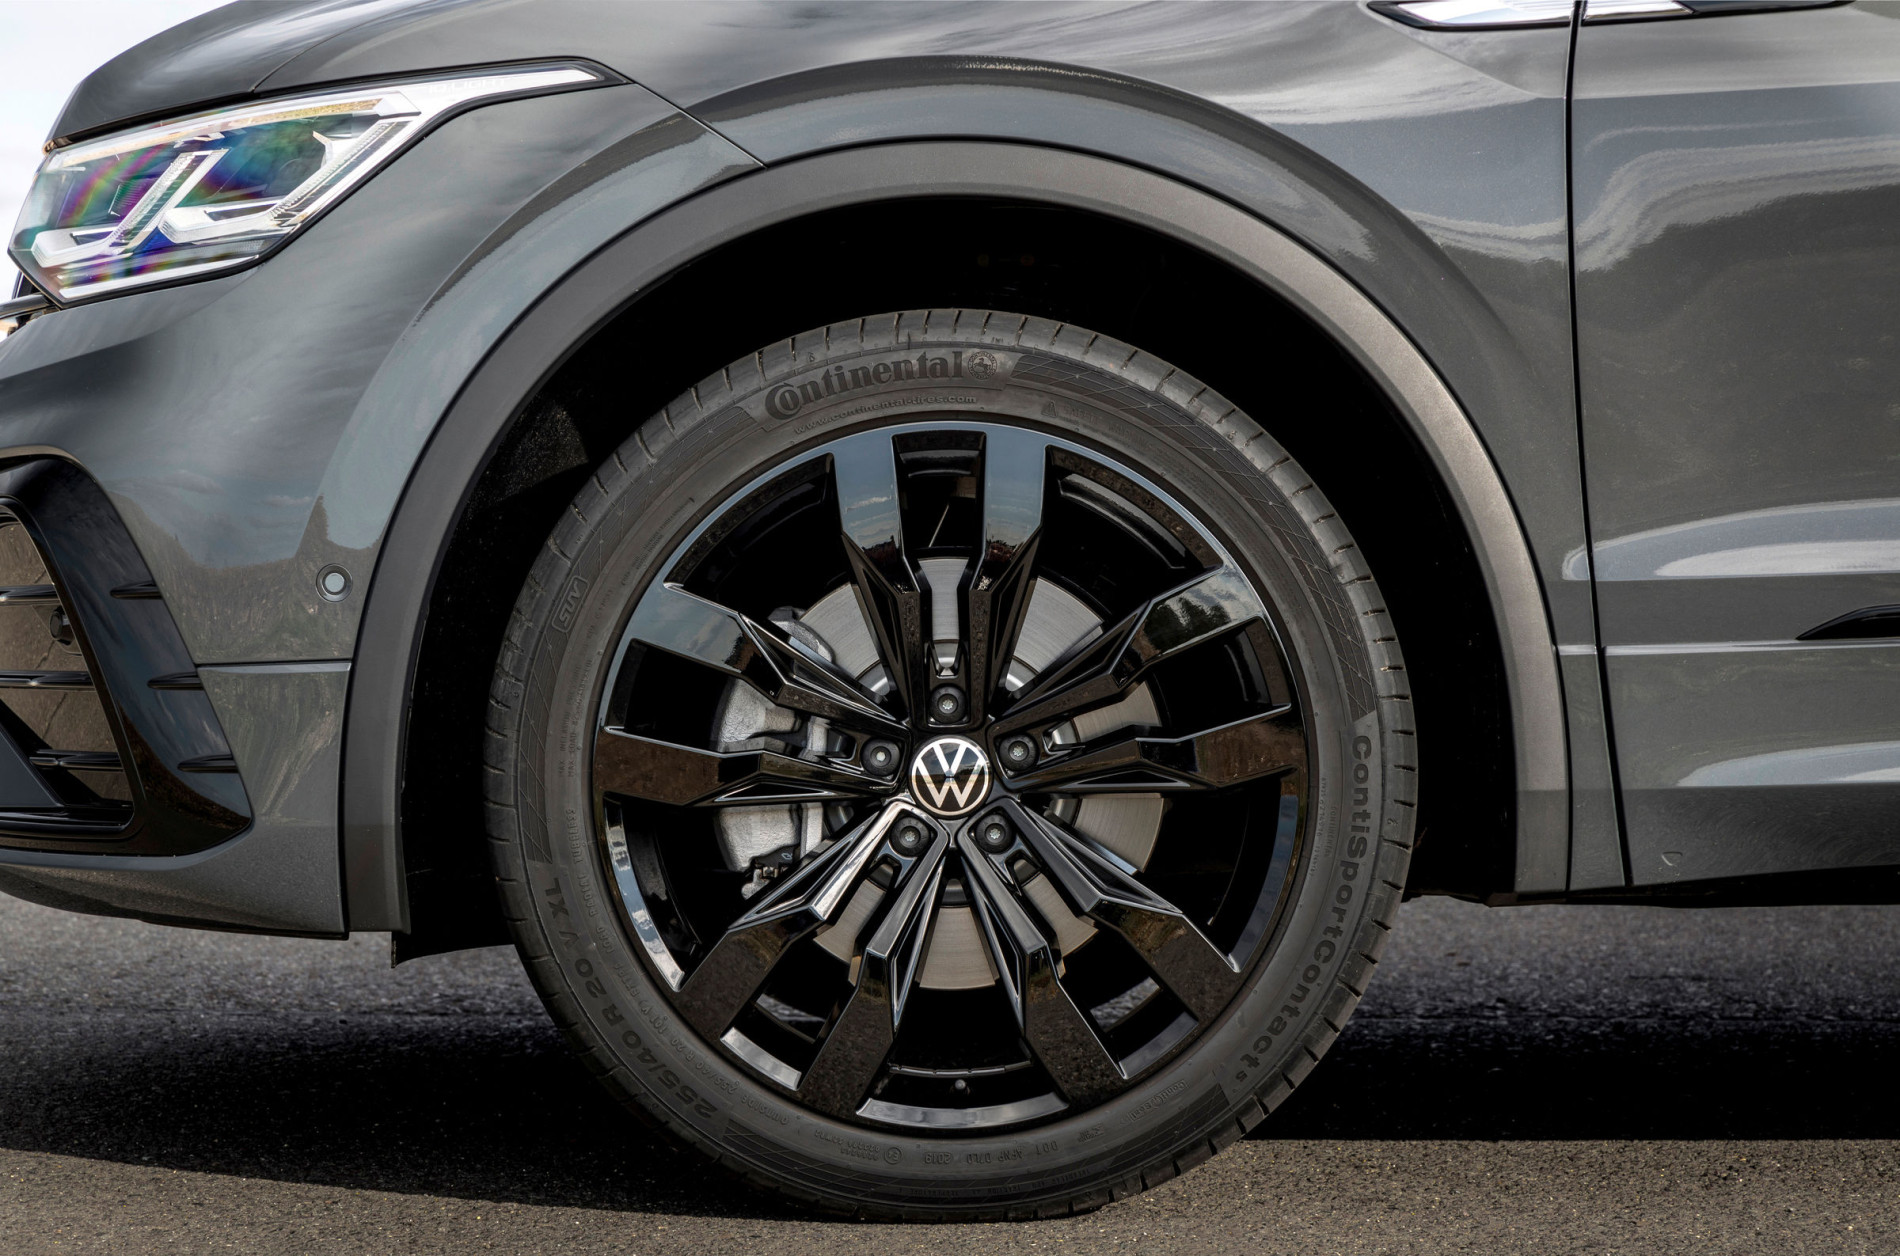 Volkswagen Tiguan R-Line Facelift - Volkswagen Tiguan R-Line Facelift